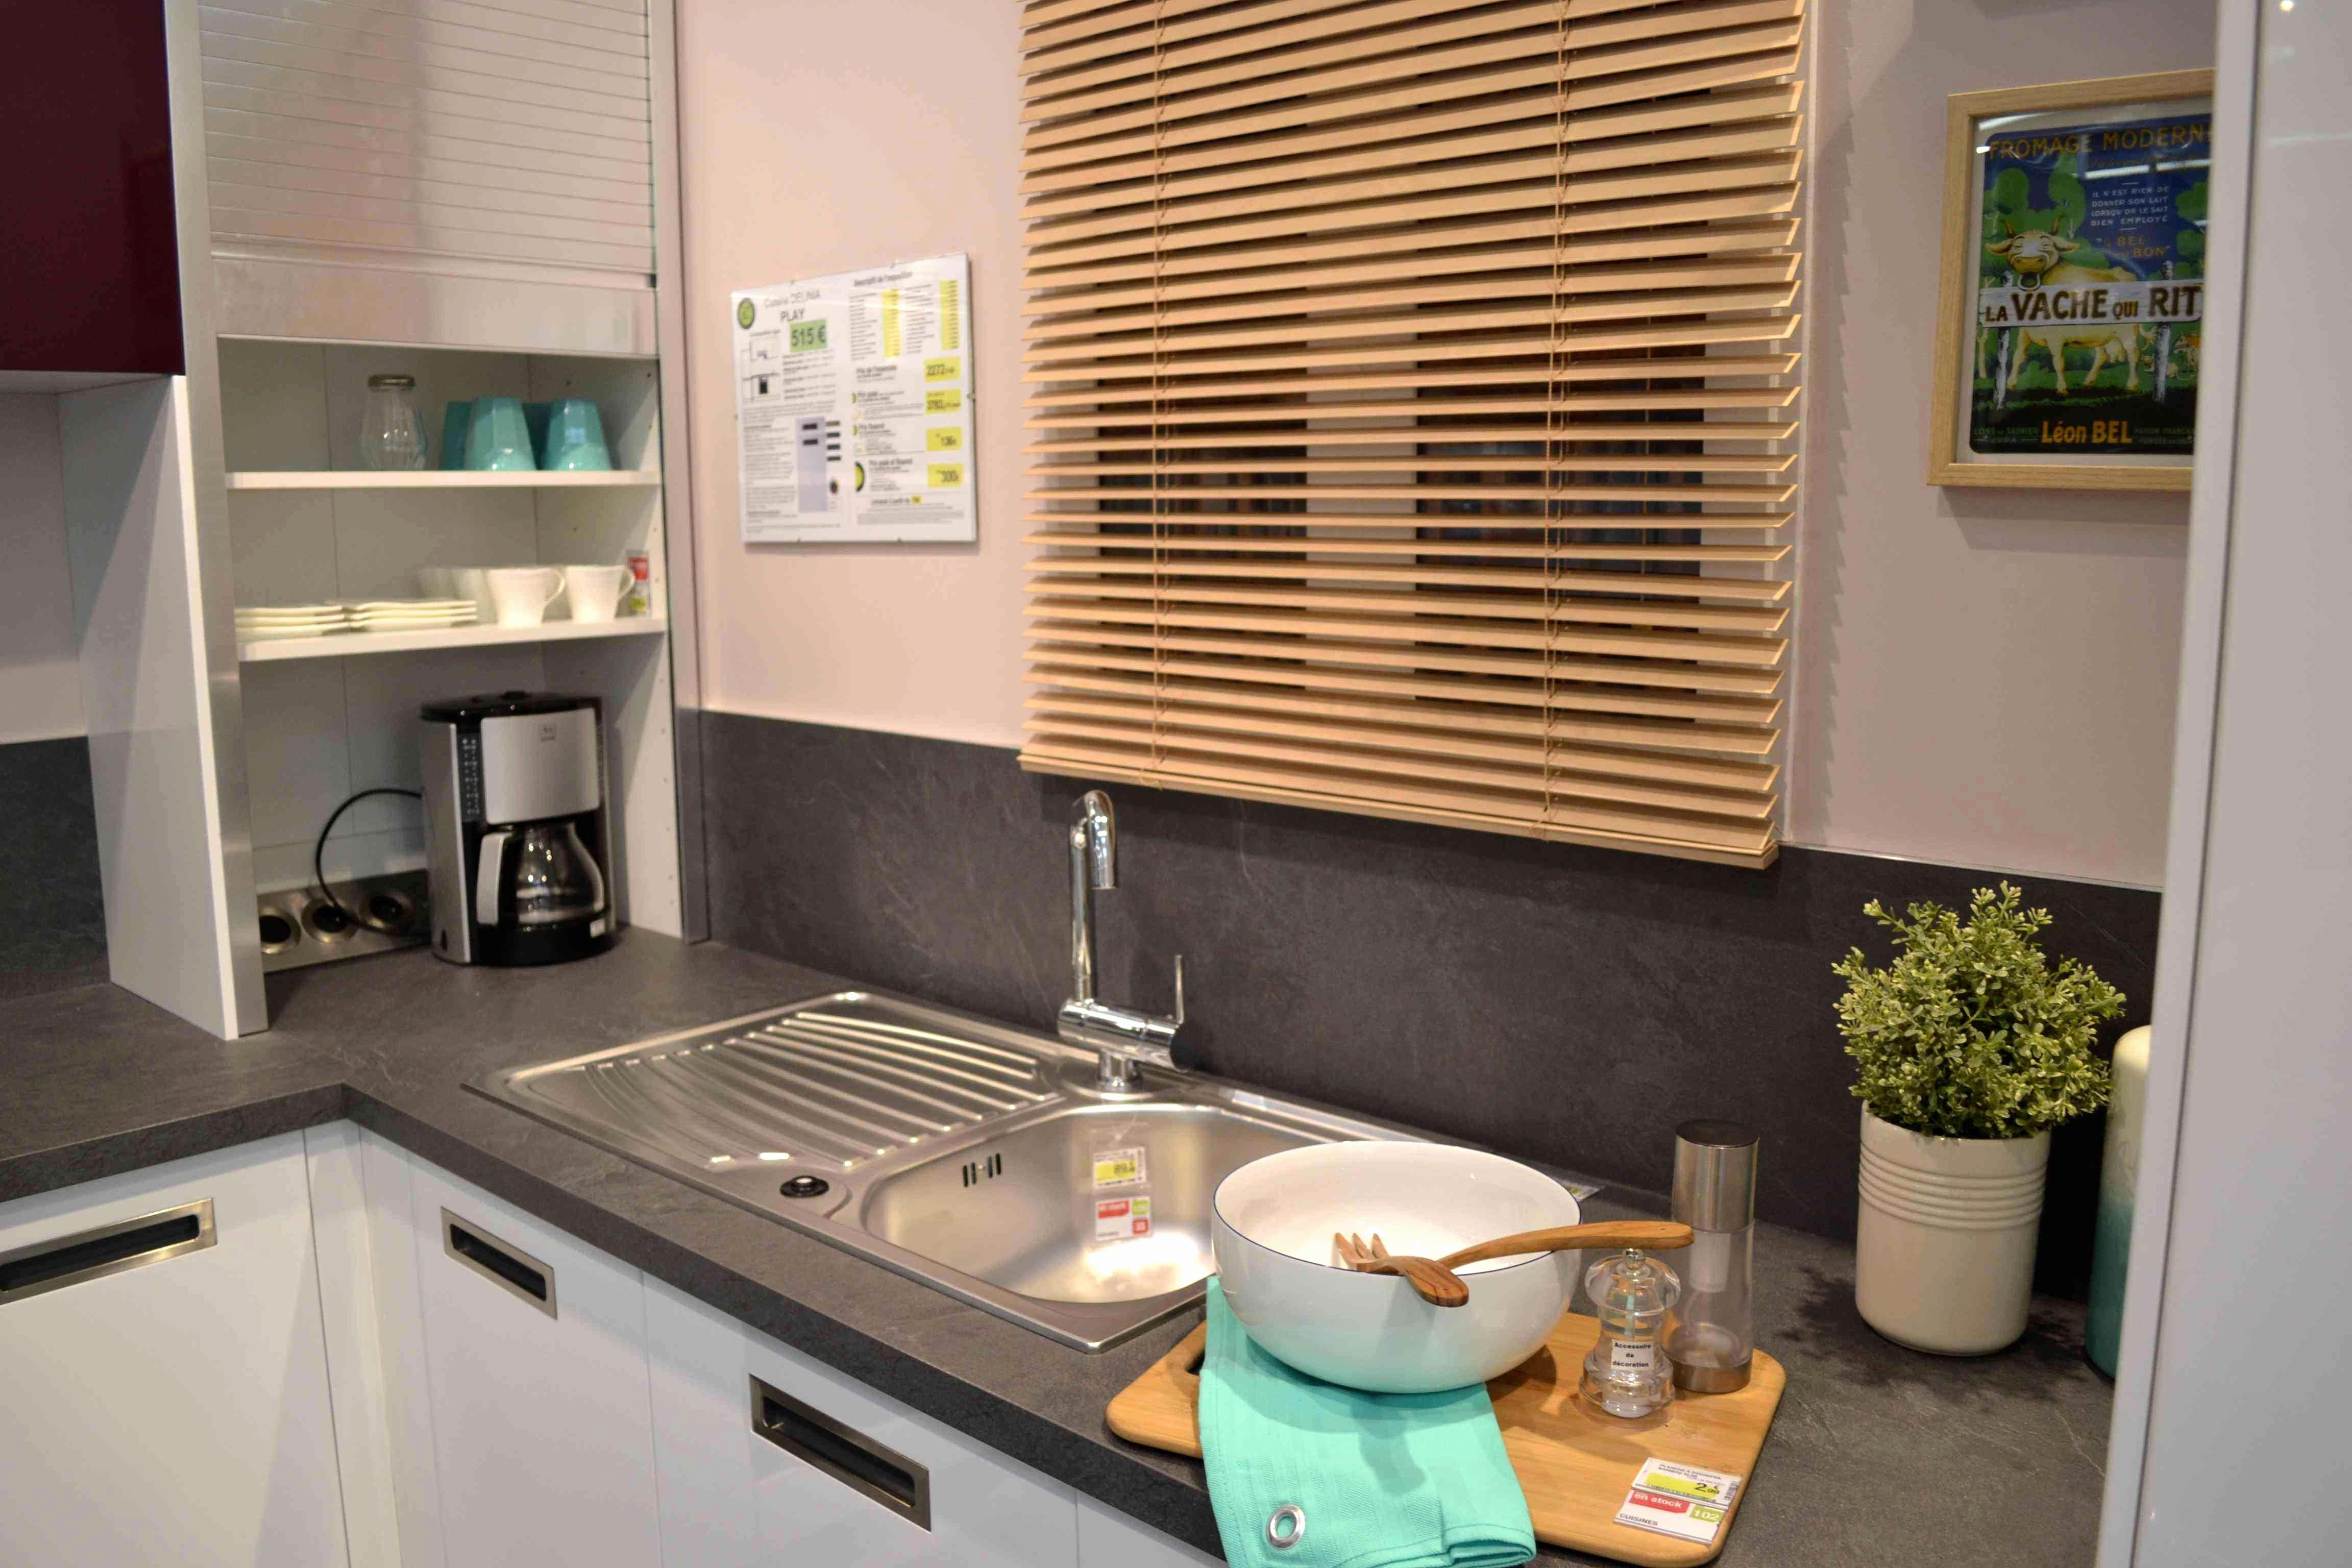 Meuble Vasque Salle De Bain but Inspirant Image 20 Nouveau Meuble Tv Design but